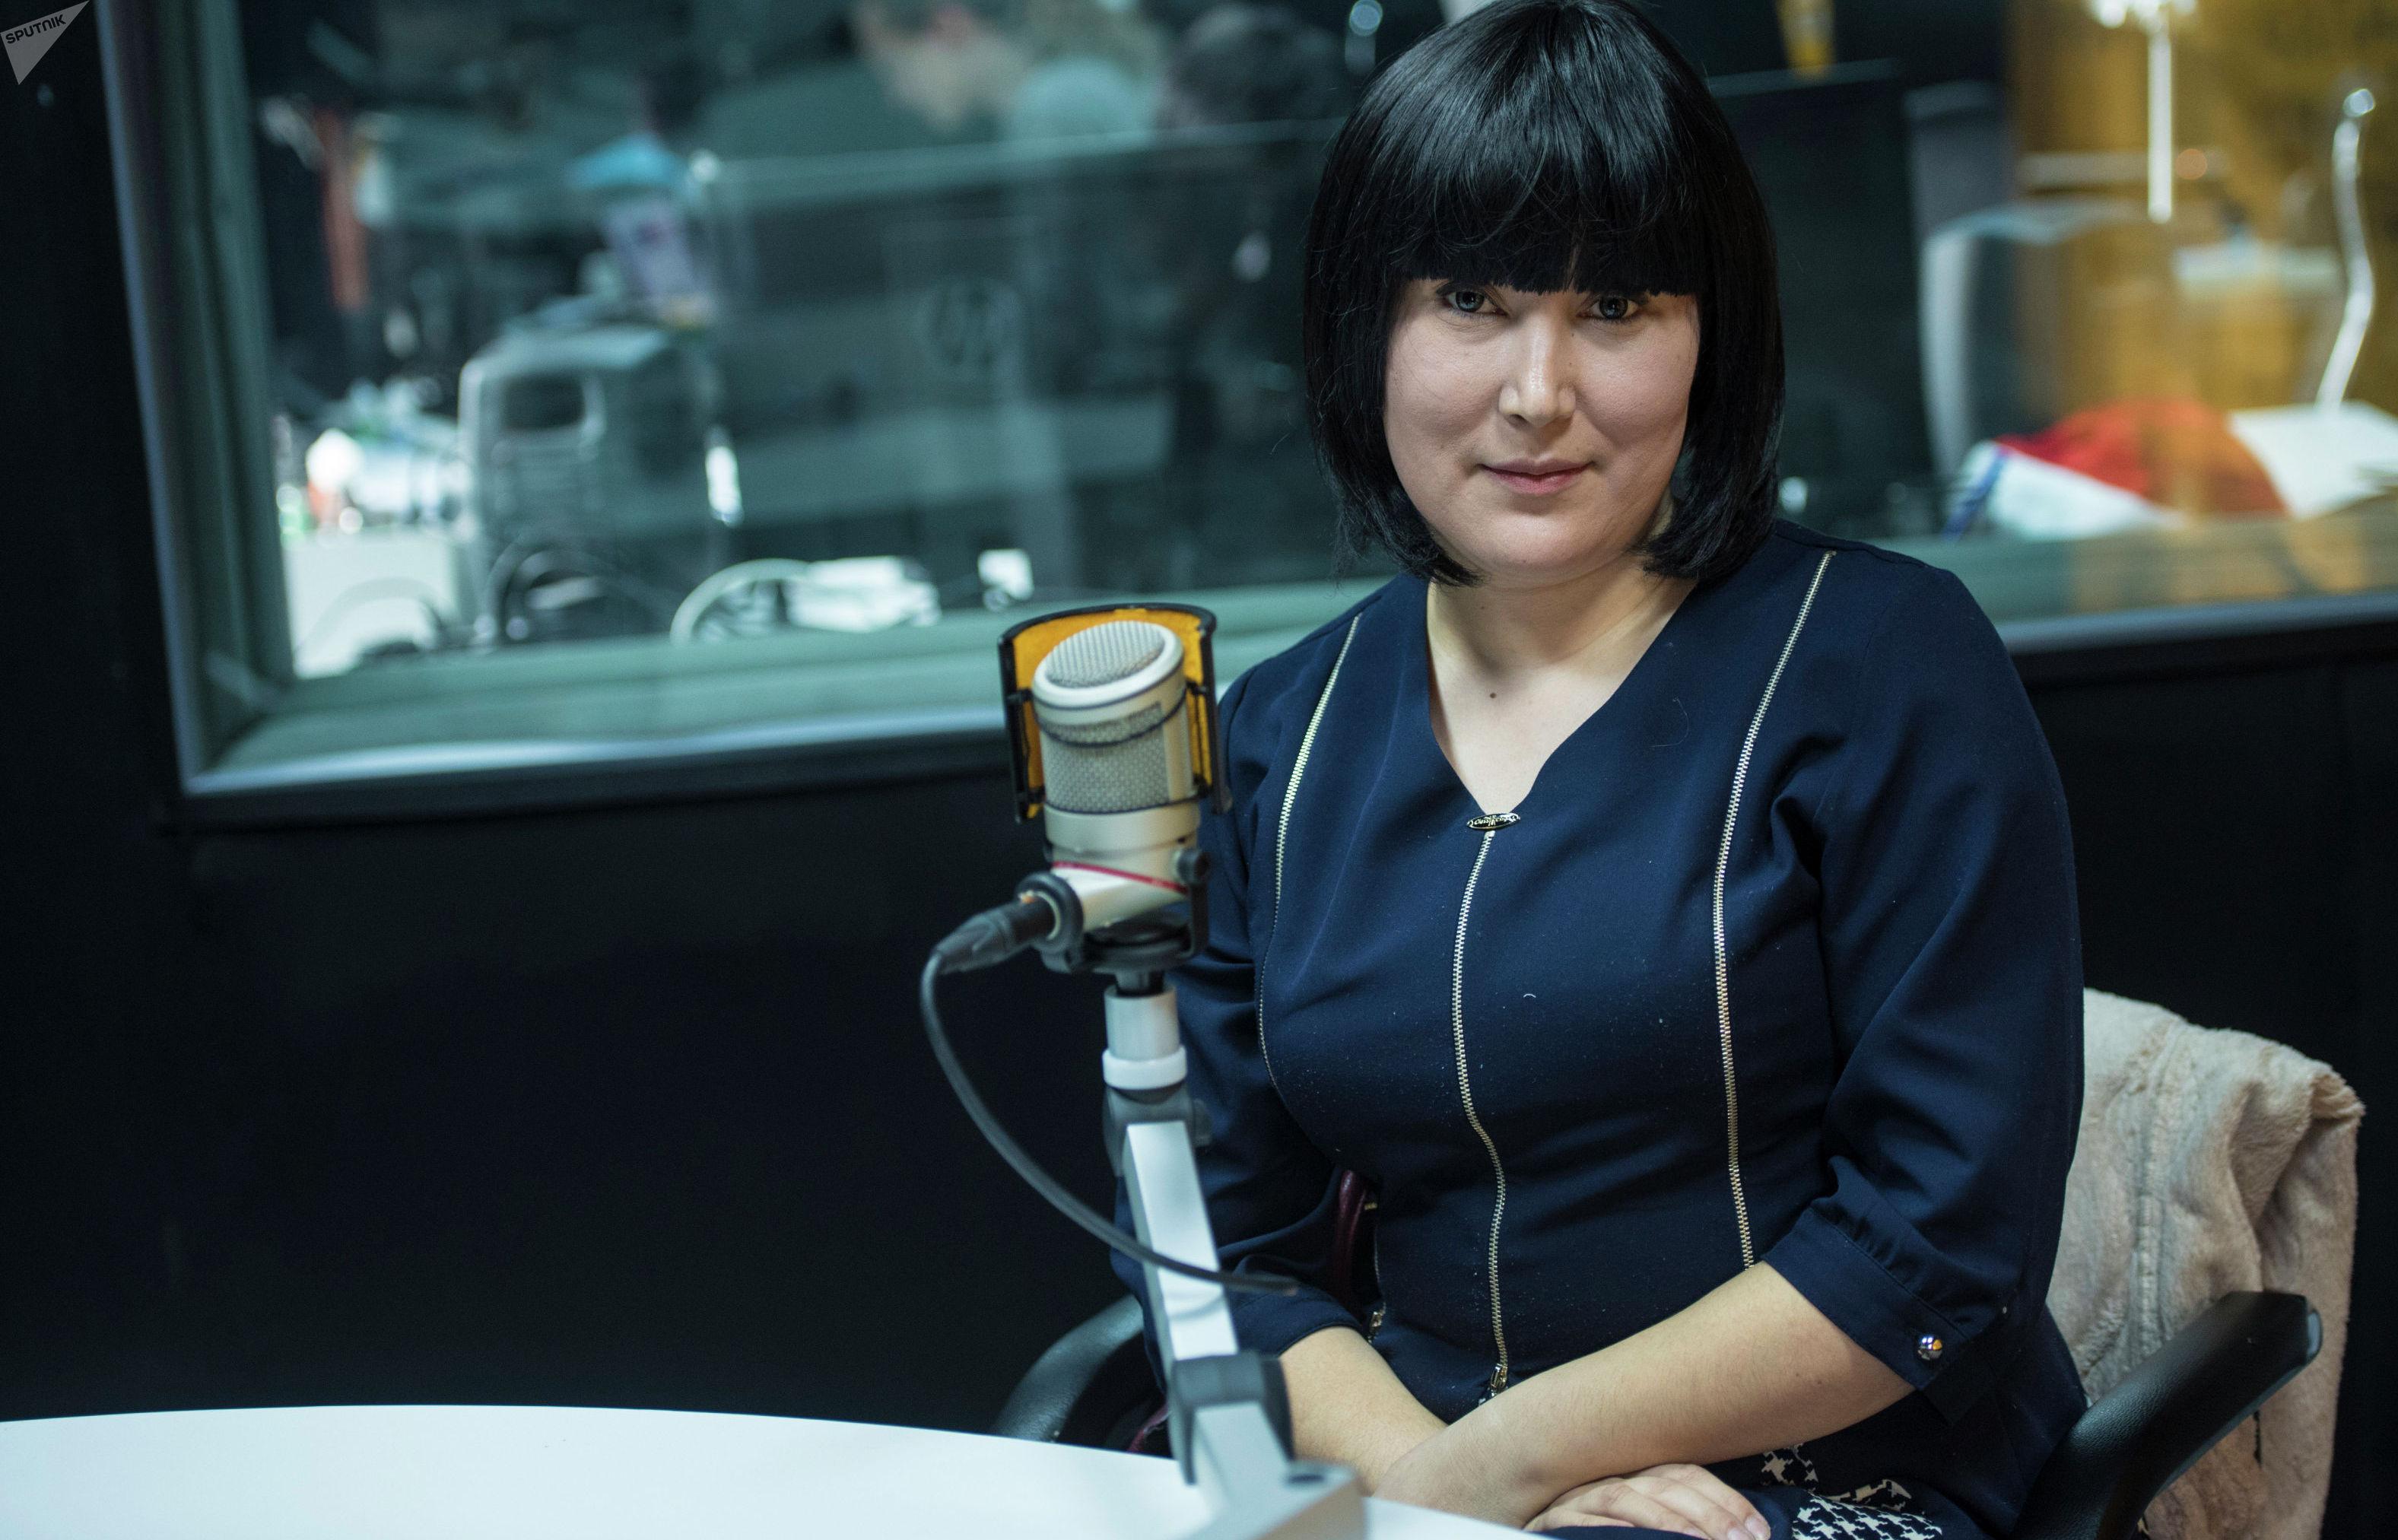 Врач-генетик, кандидат медицинских наук Бибигюль Карыпбаева во время интервью на радиостудии Sputnik Кыргызстан